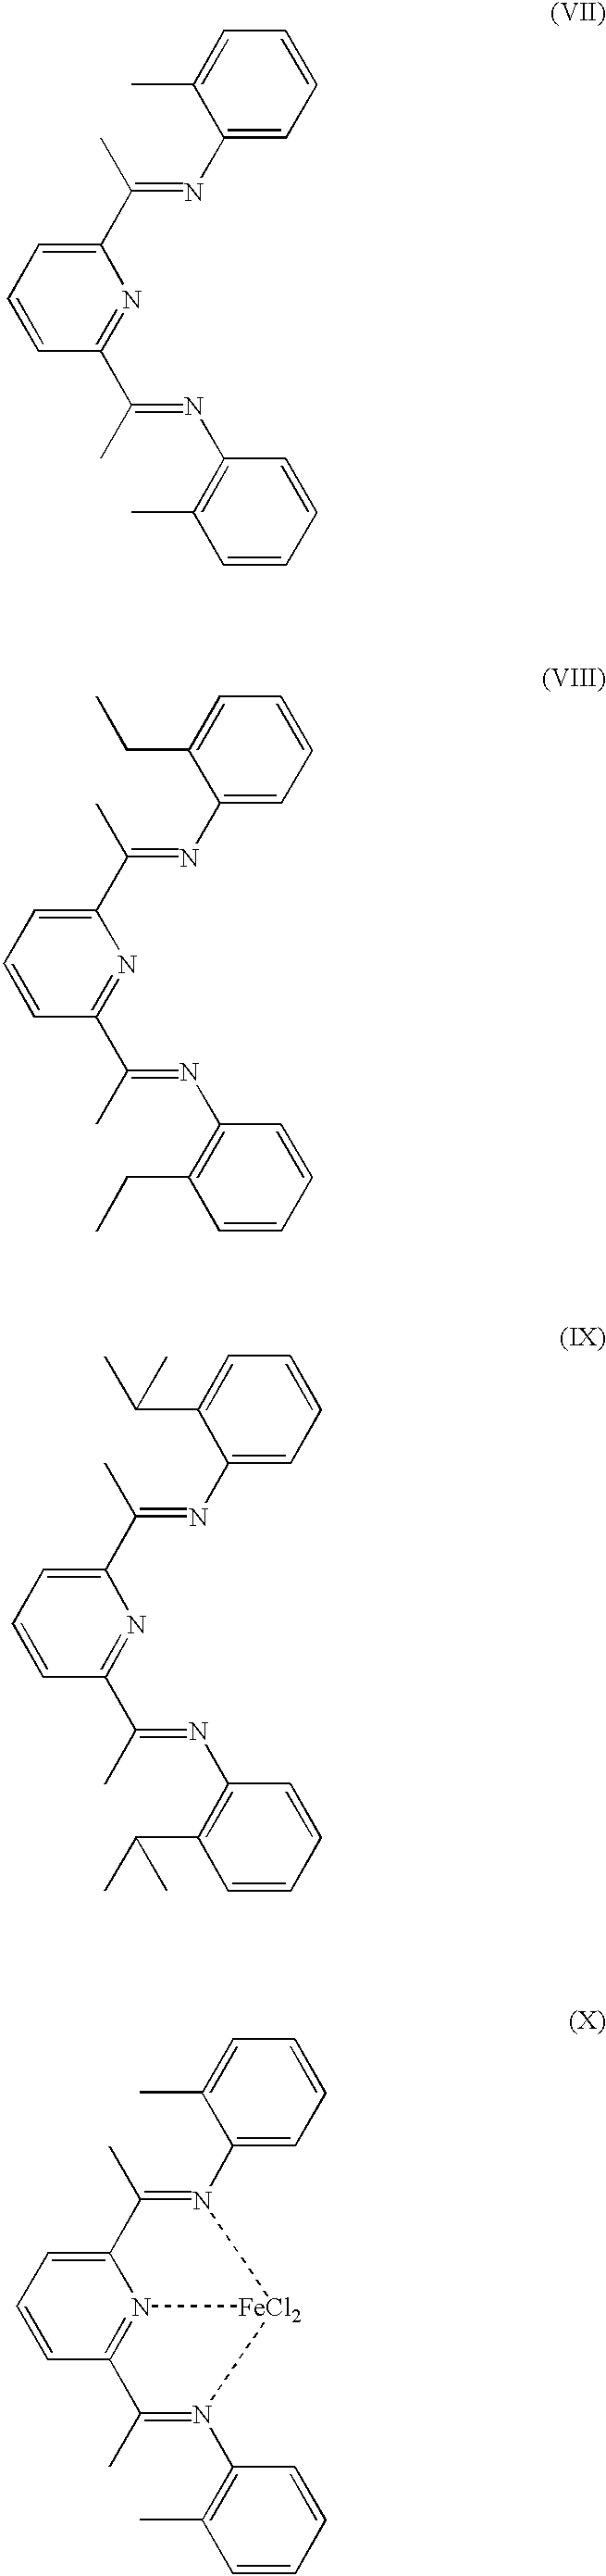 Figure US20030050494A1-20030313-C00014